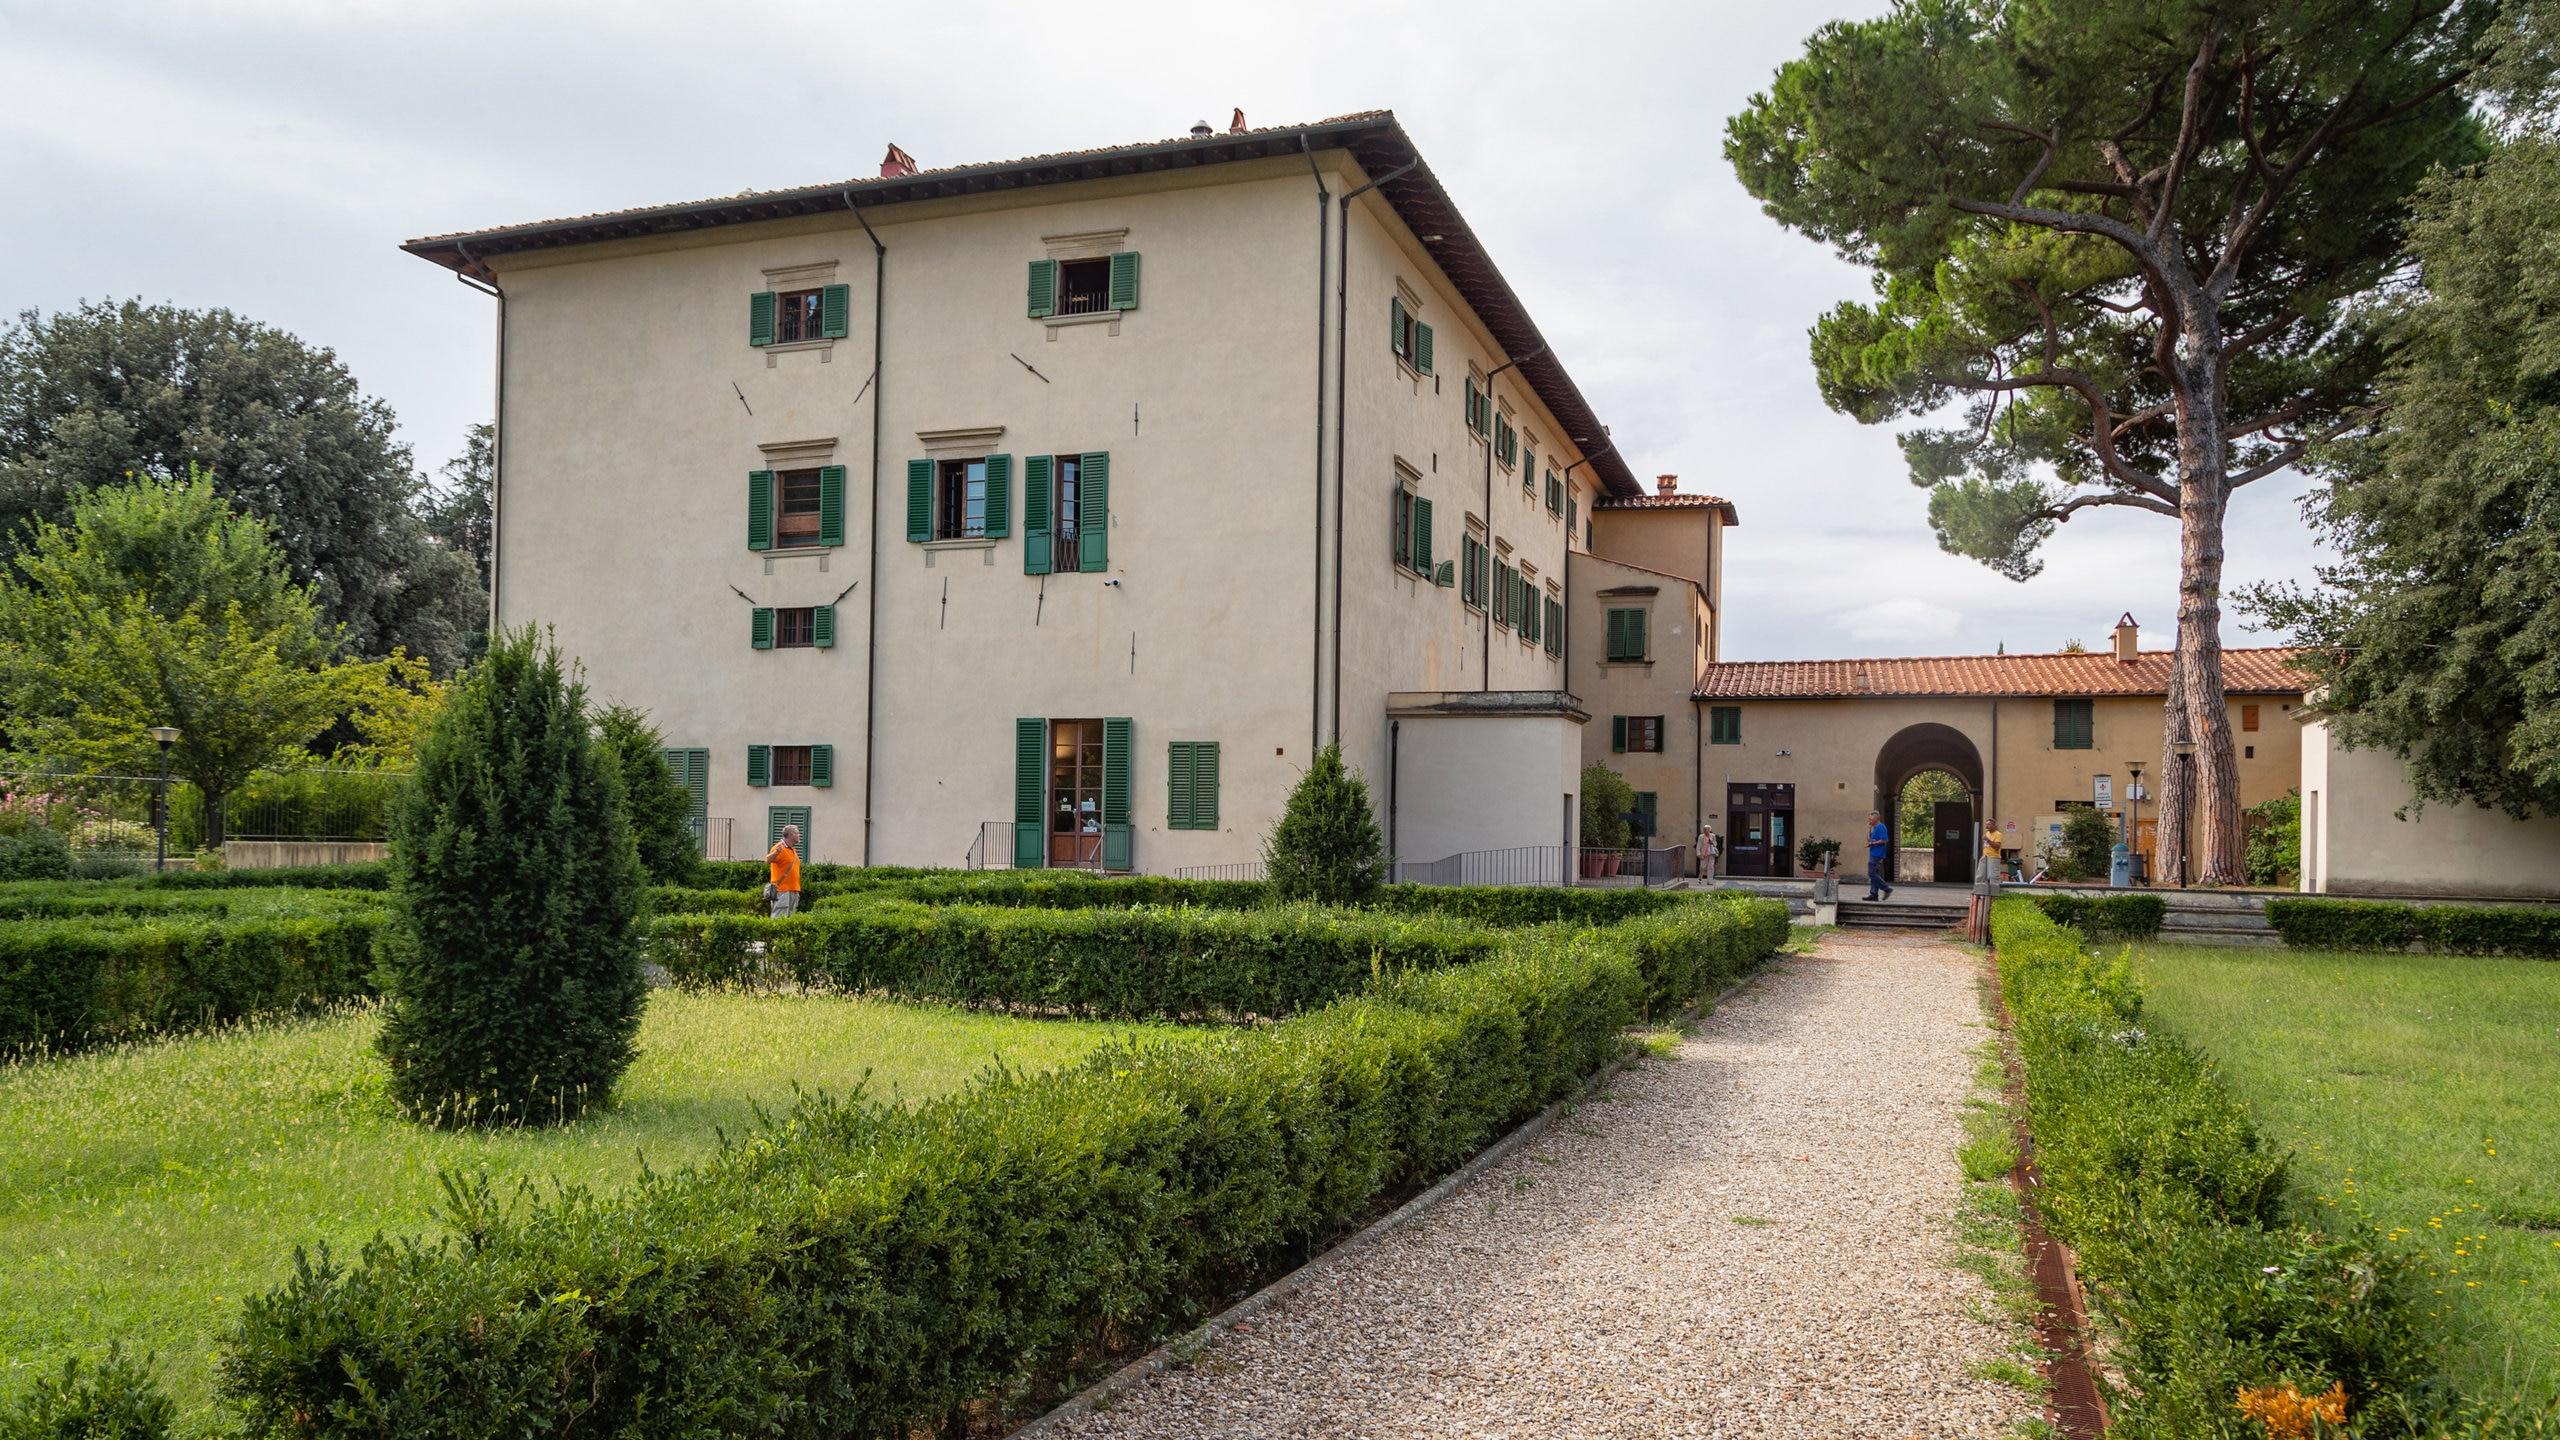 Isolotto, Florenz, Toskana, Italien